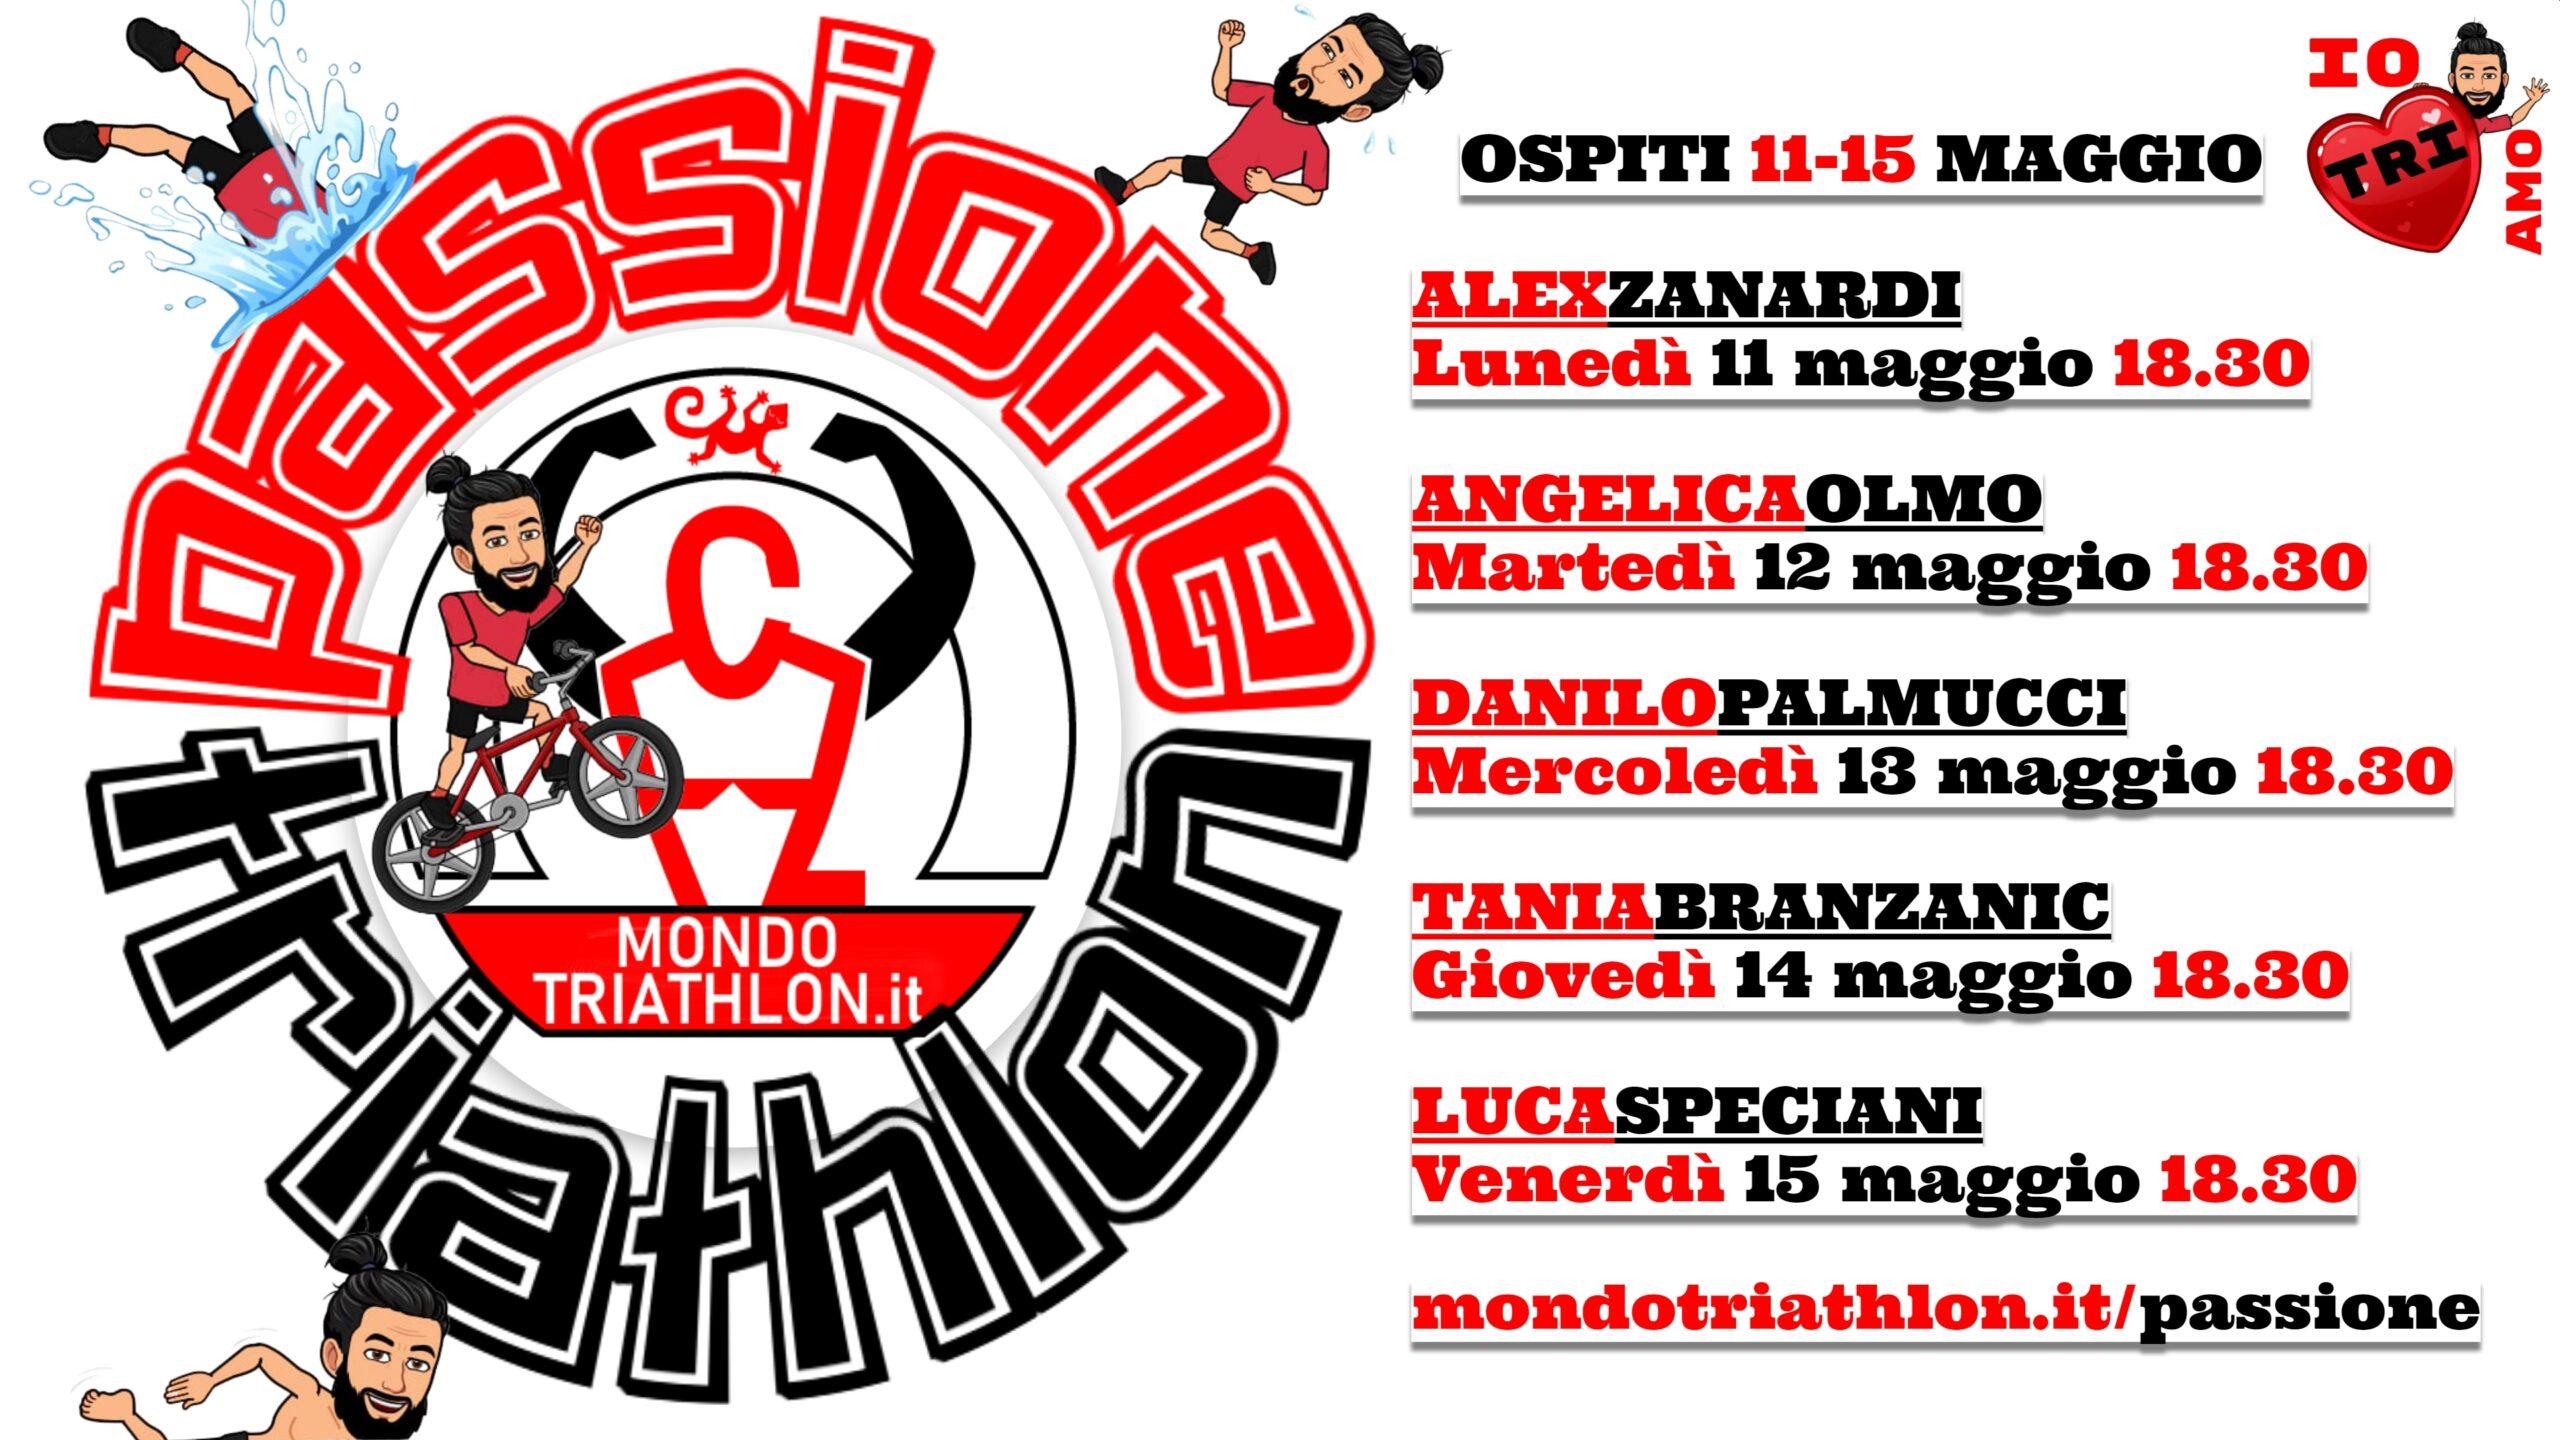 Passione Triathlon Programma 11-15 maggio 2020